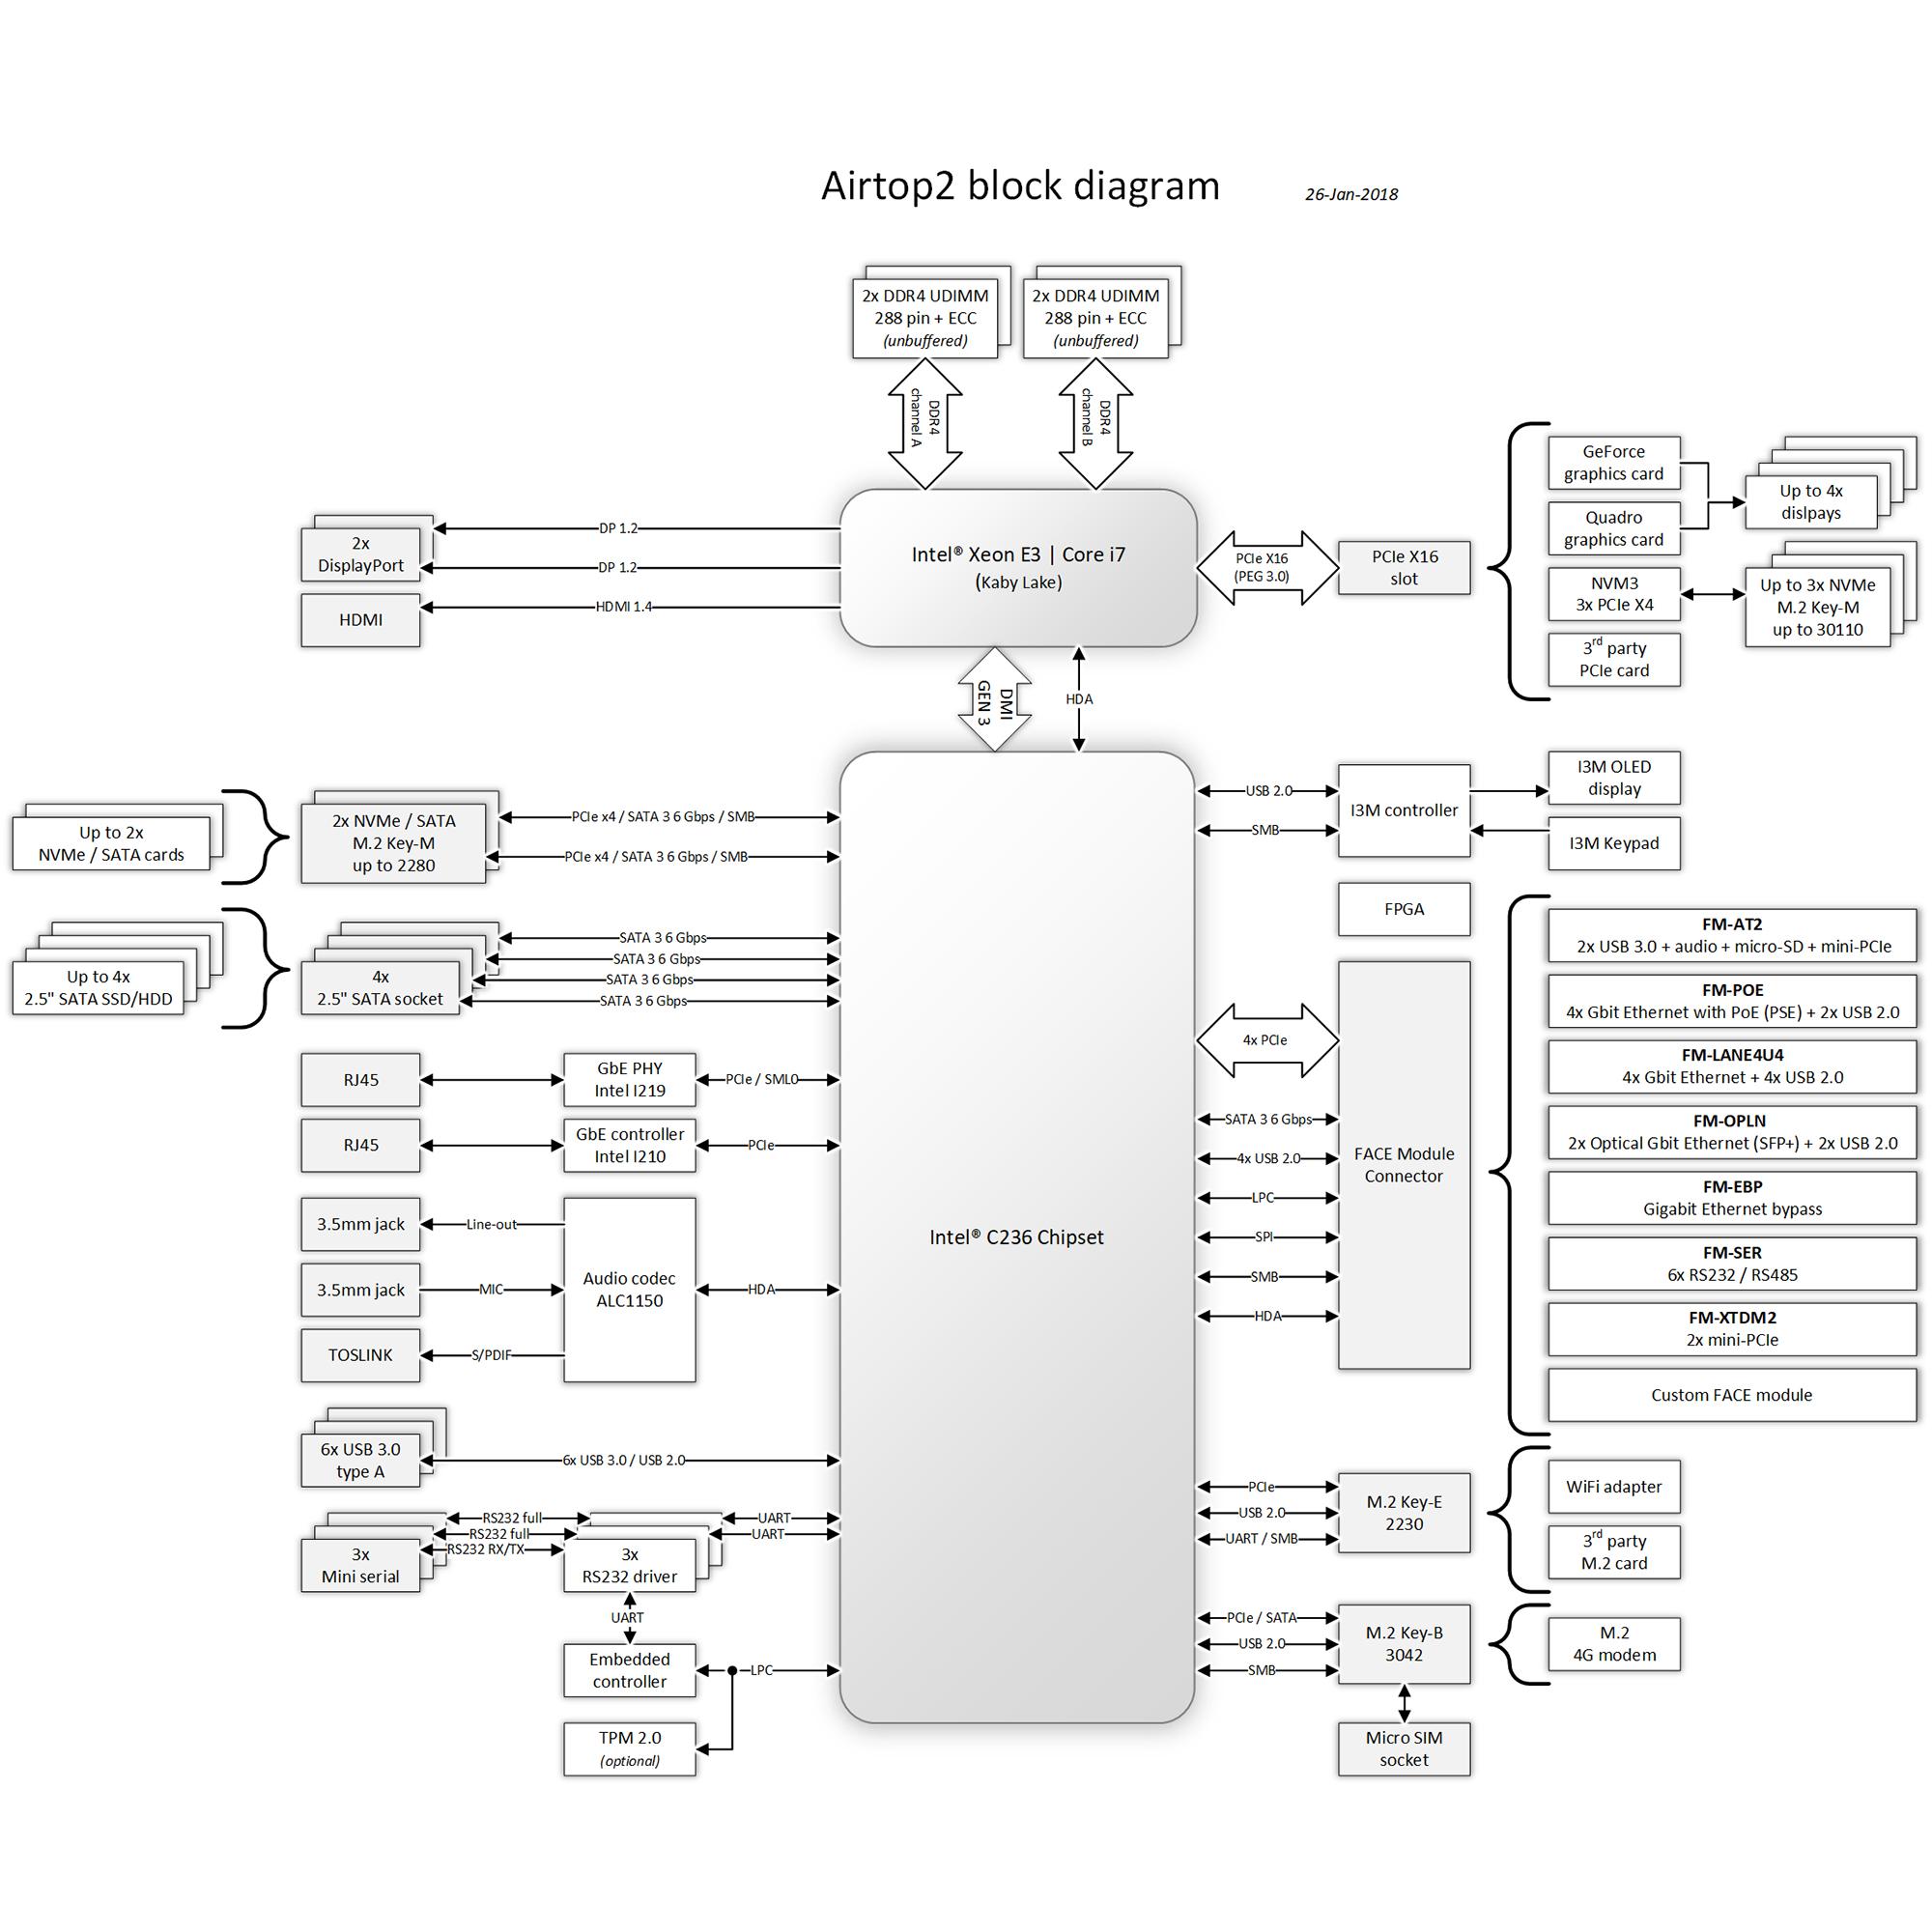 airtop2-block-diagram